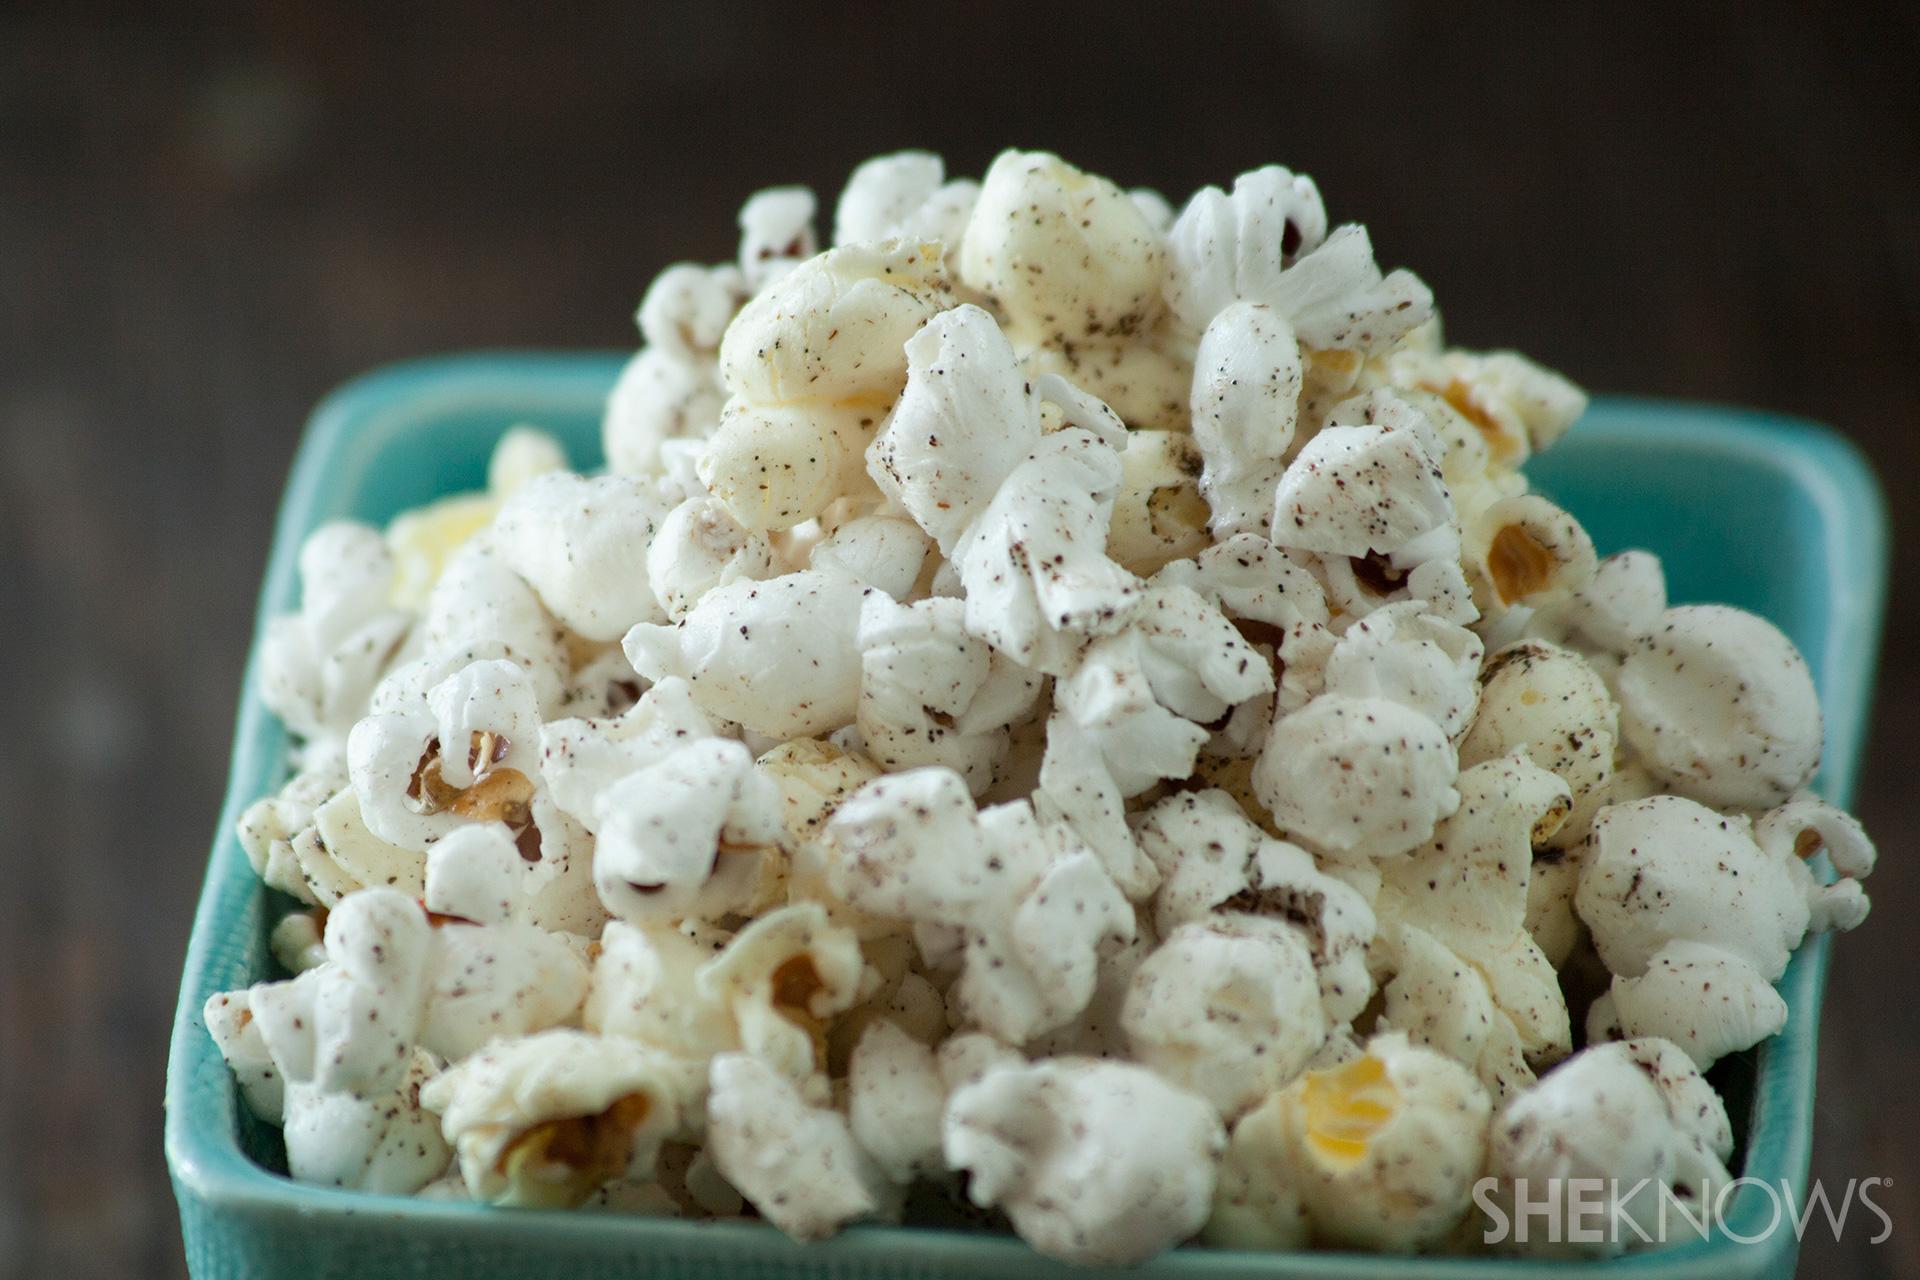 Sea salt and vanilla popcorn